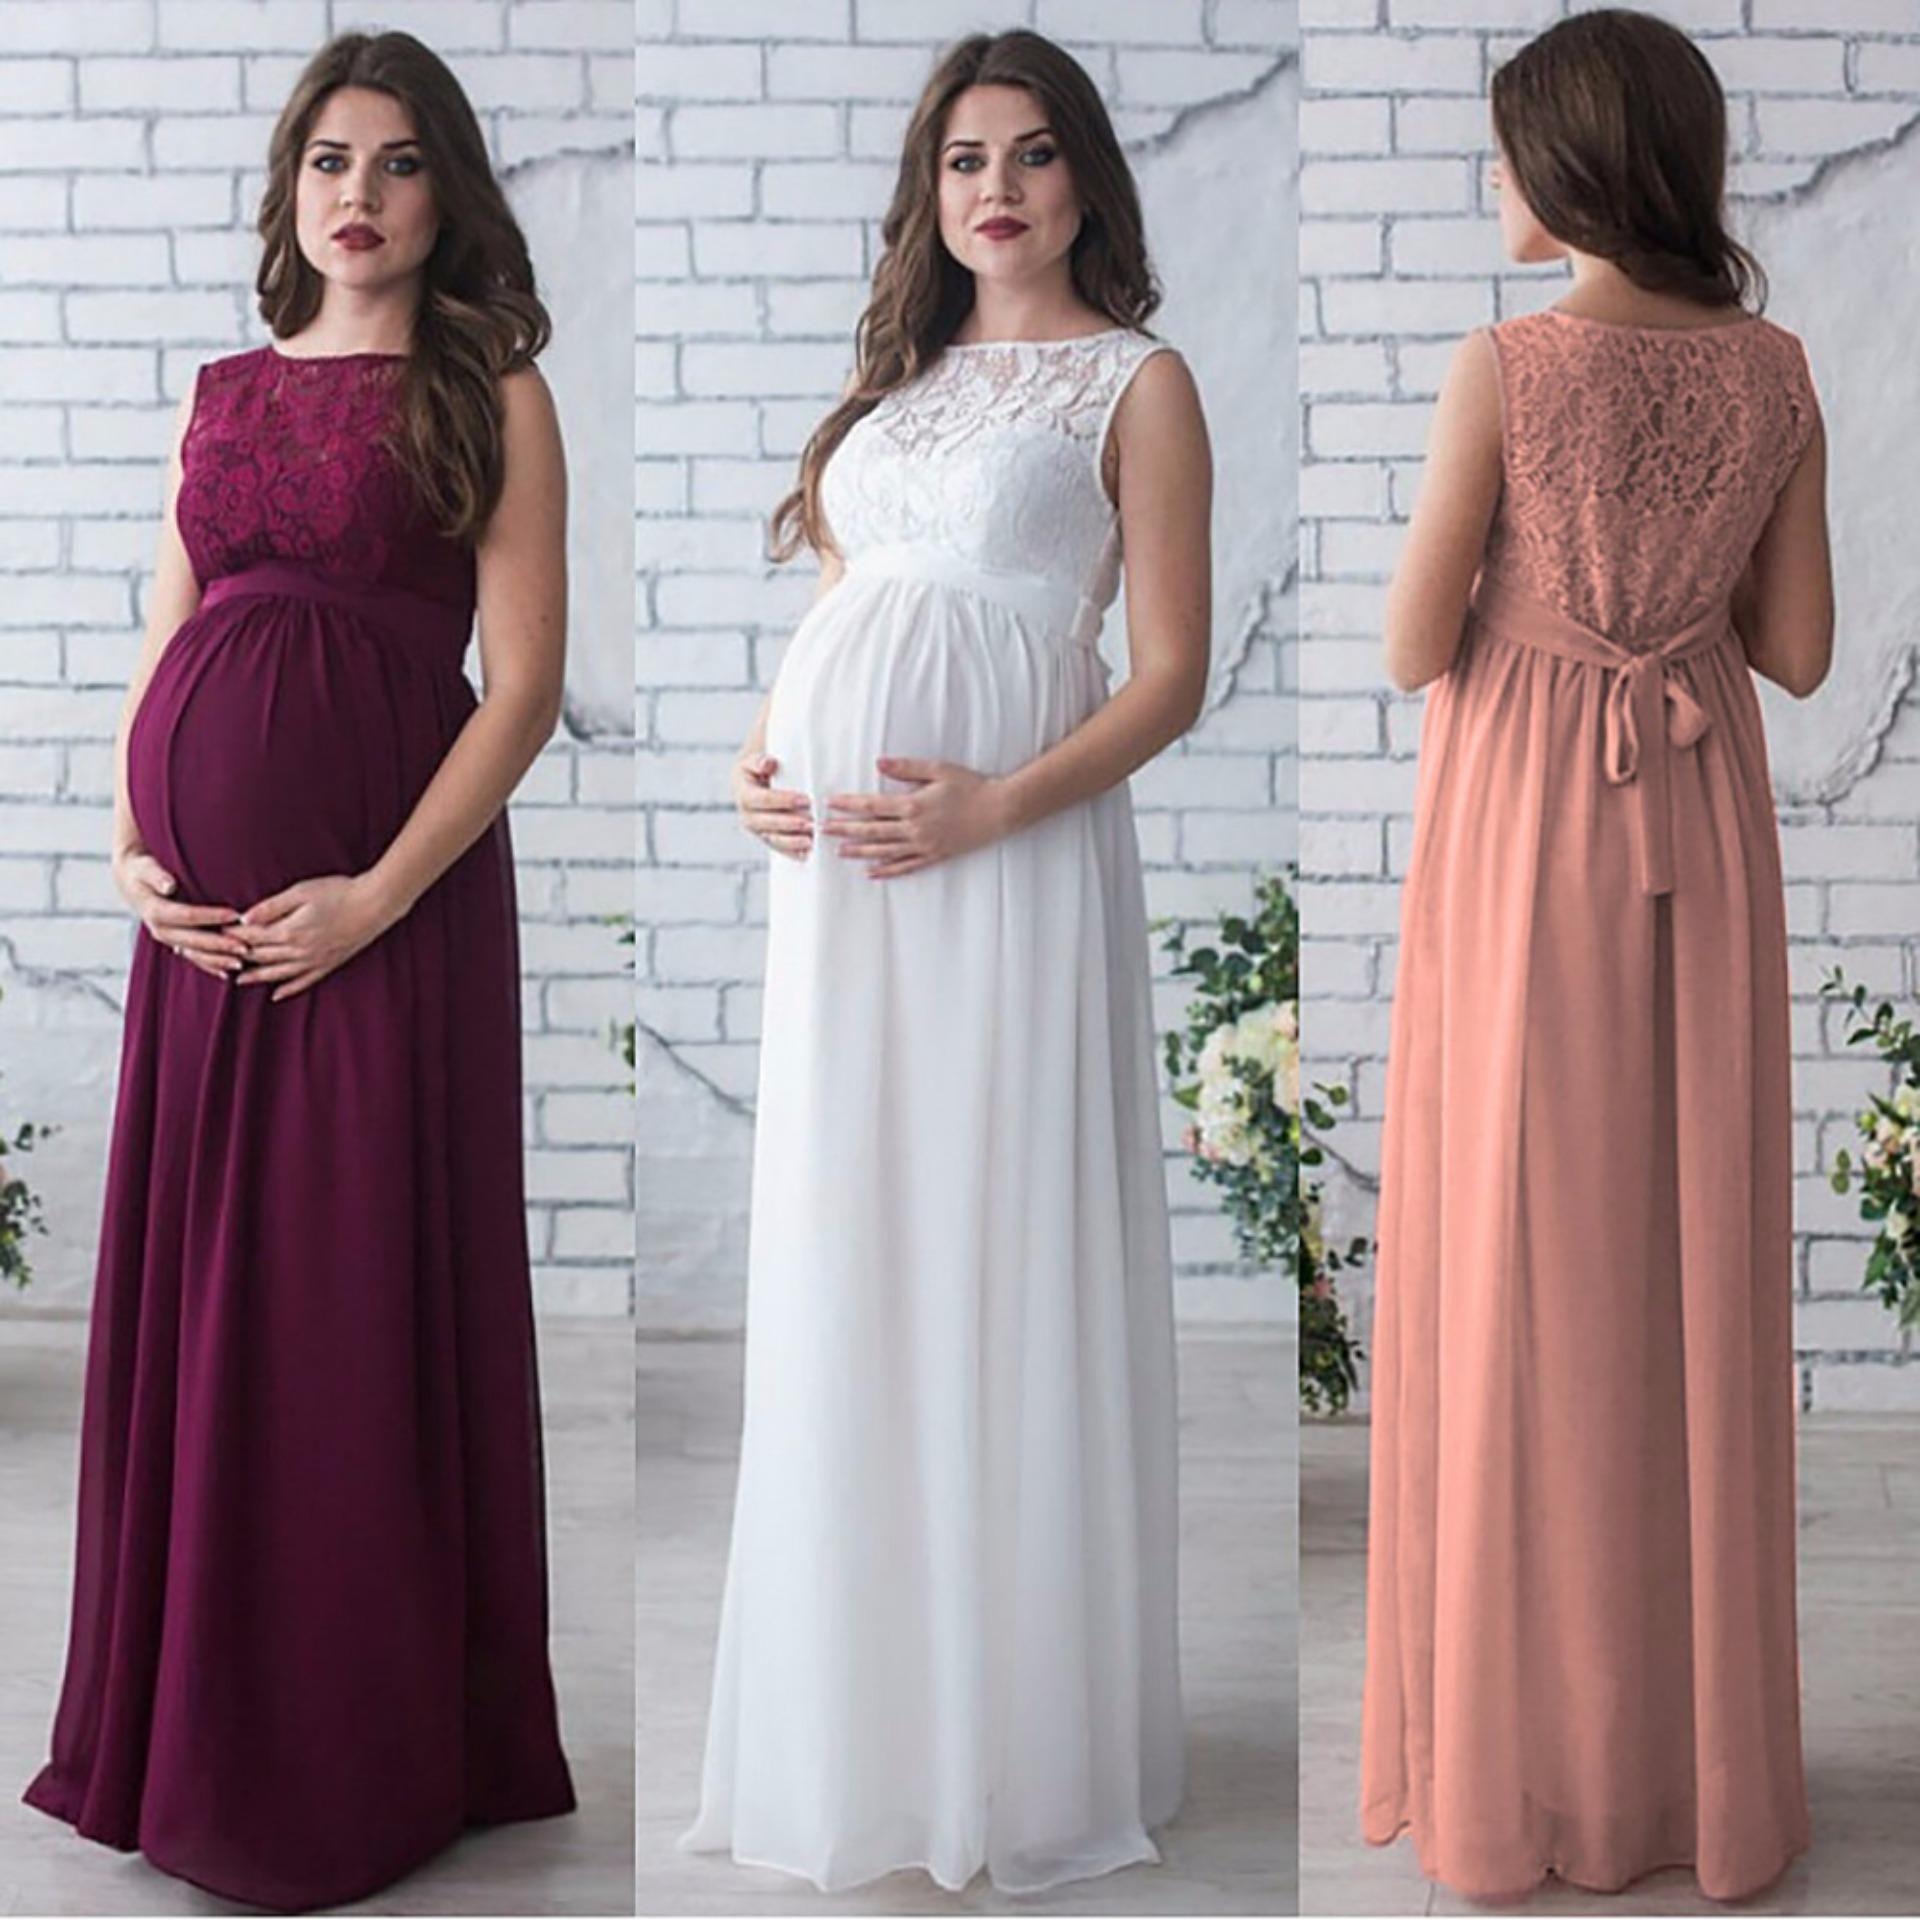 super popular d463f a9669 I migliori abiti da sera incinta maternità bordeaux bianco Boho Top pizzo  pavimento lunghezza abiti da ballo lunghi Plus Size fantasia speciale ...